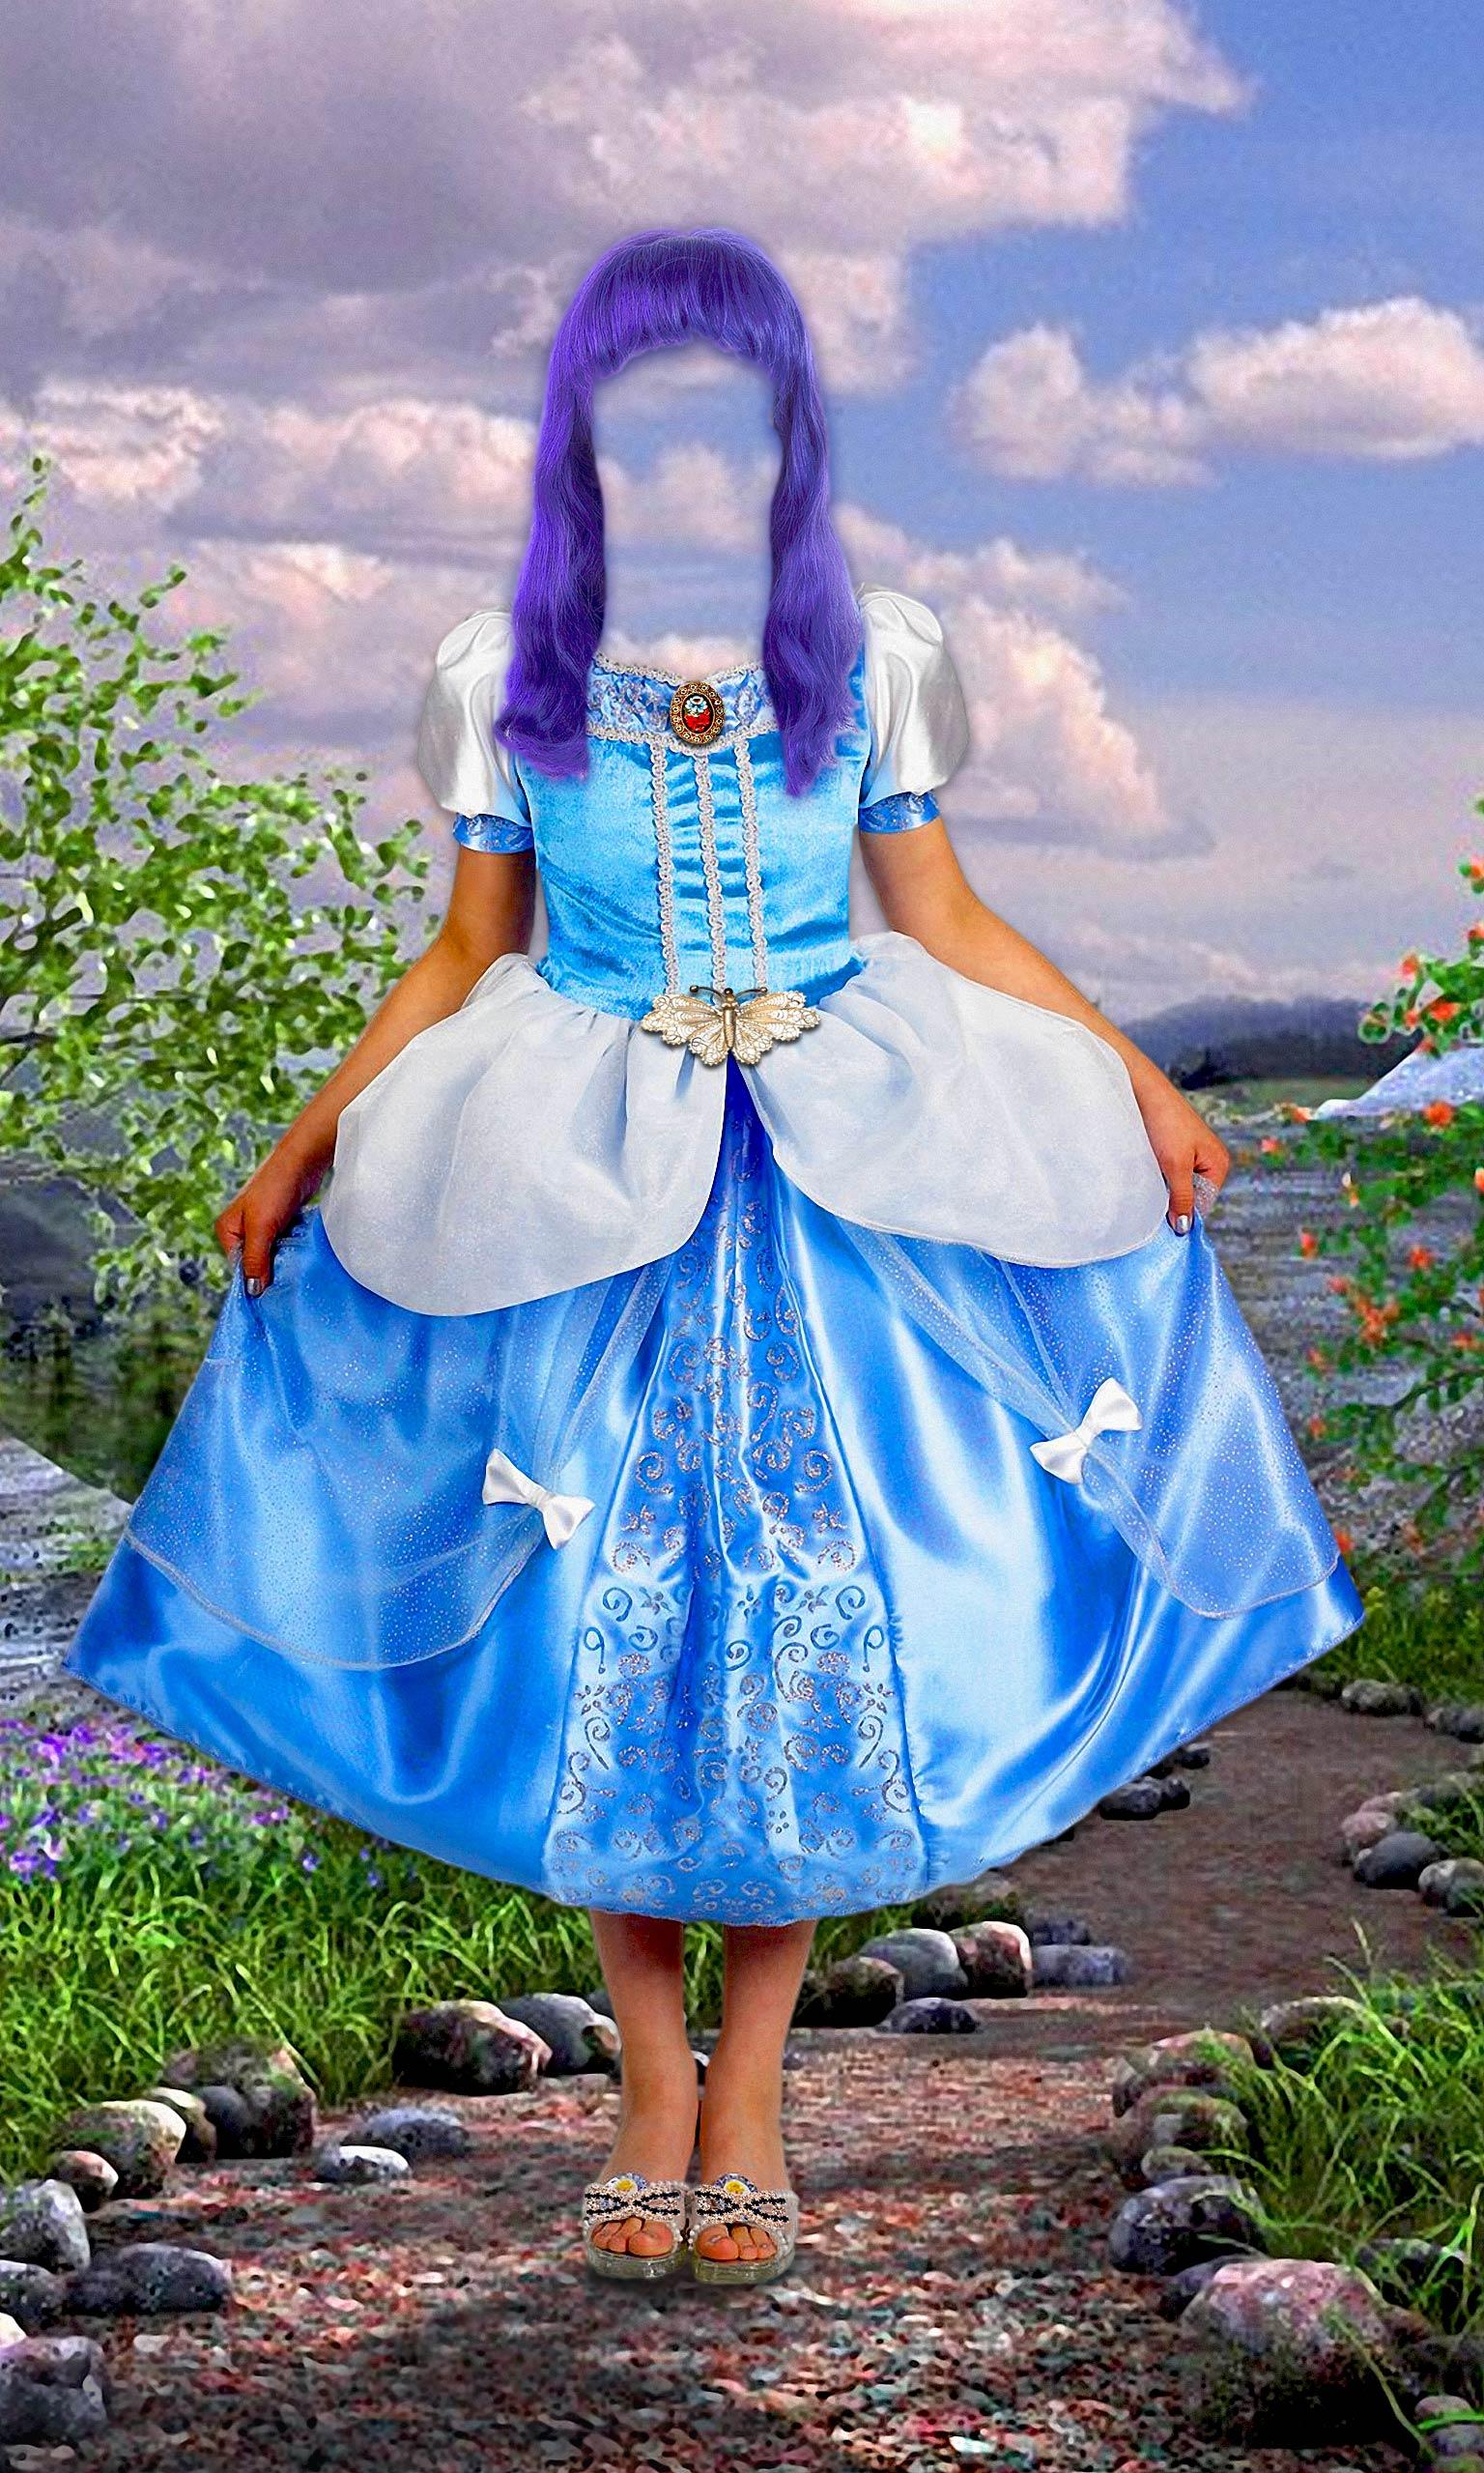 Теги. photoshop.  Namp.  Девочка в голубом платье.